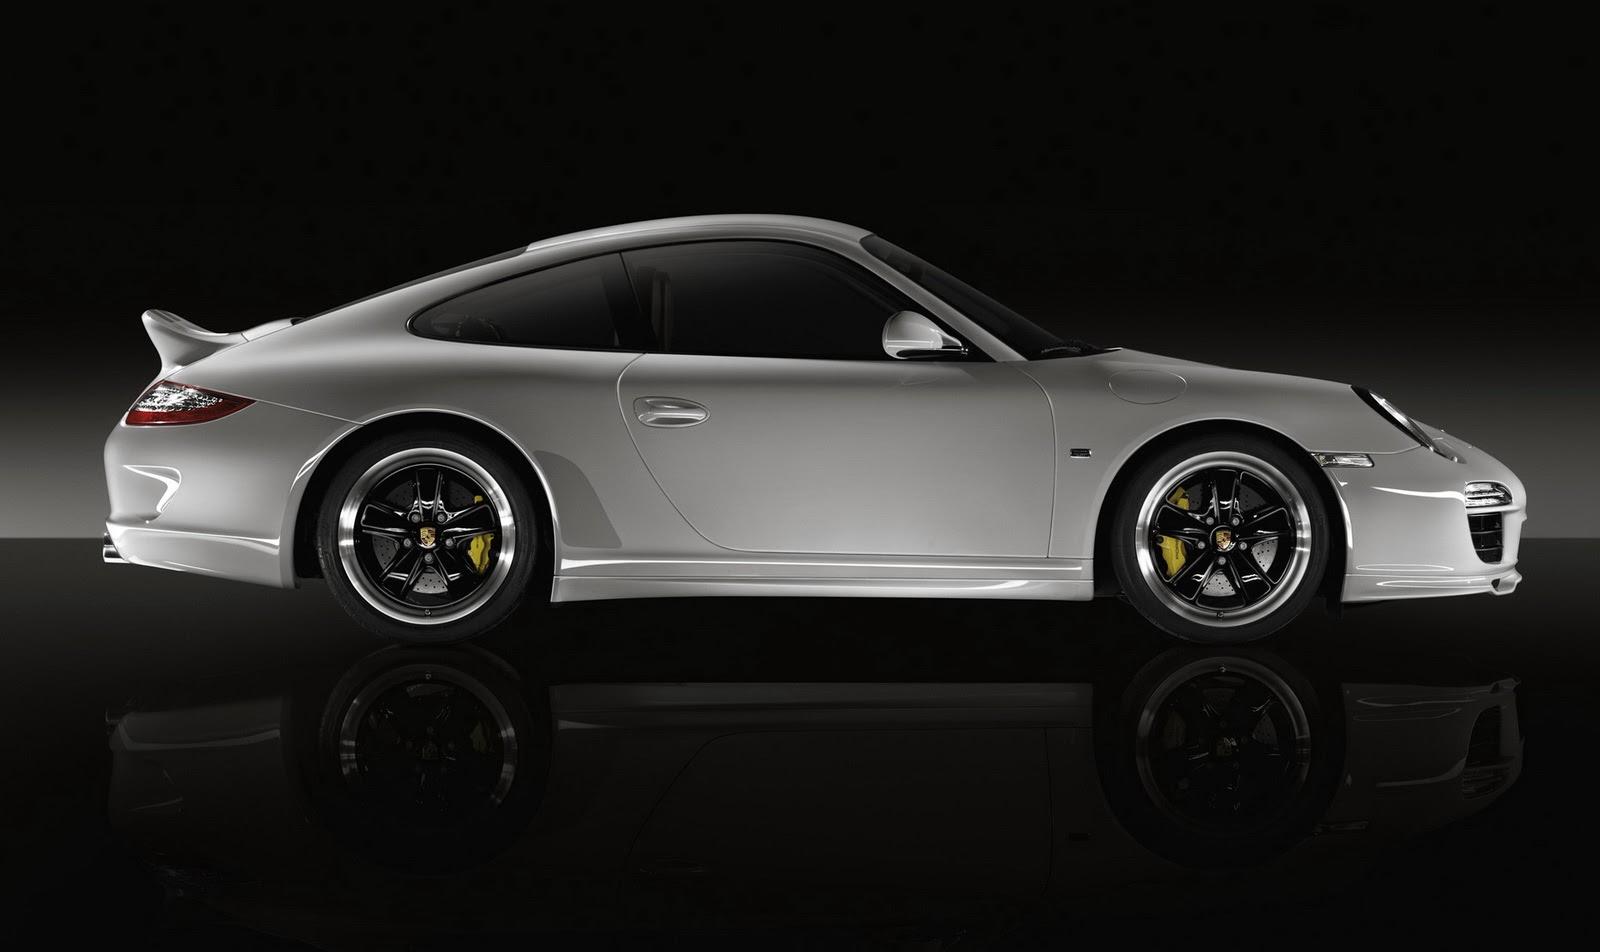 stormwheels 911 sport classic 997 porsche. Black Bedroom Furniture Sets. Home Design Ideas